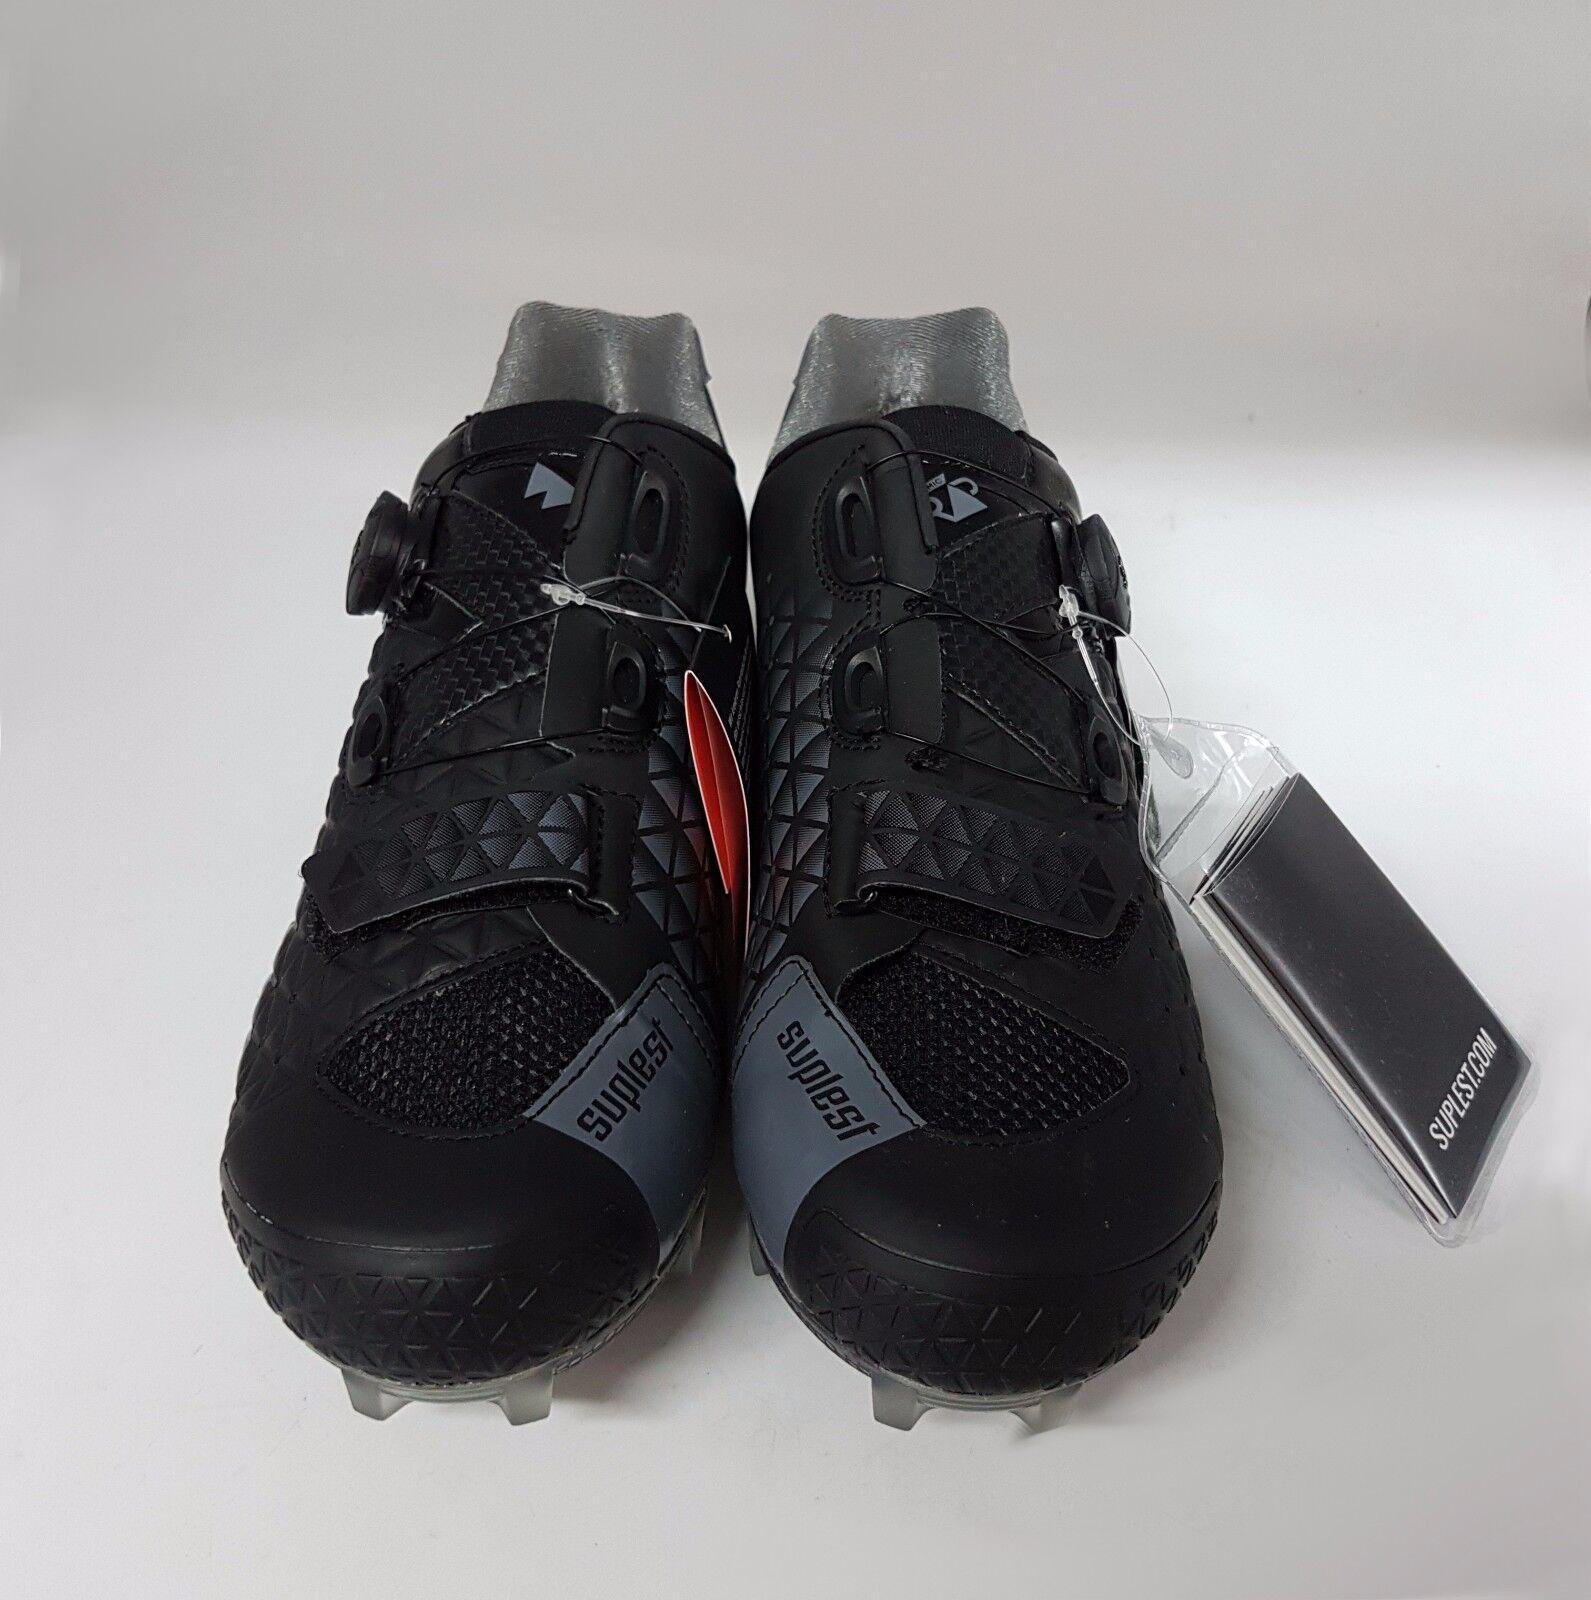 Suplest borde Nylon 3 BICICLETA DE MONTAÑA XC Crosscountry montaña Zapatos De Ciclismo Negro Talla 47